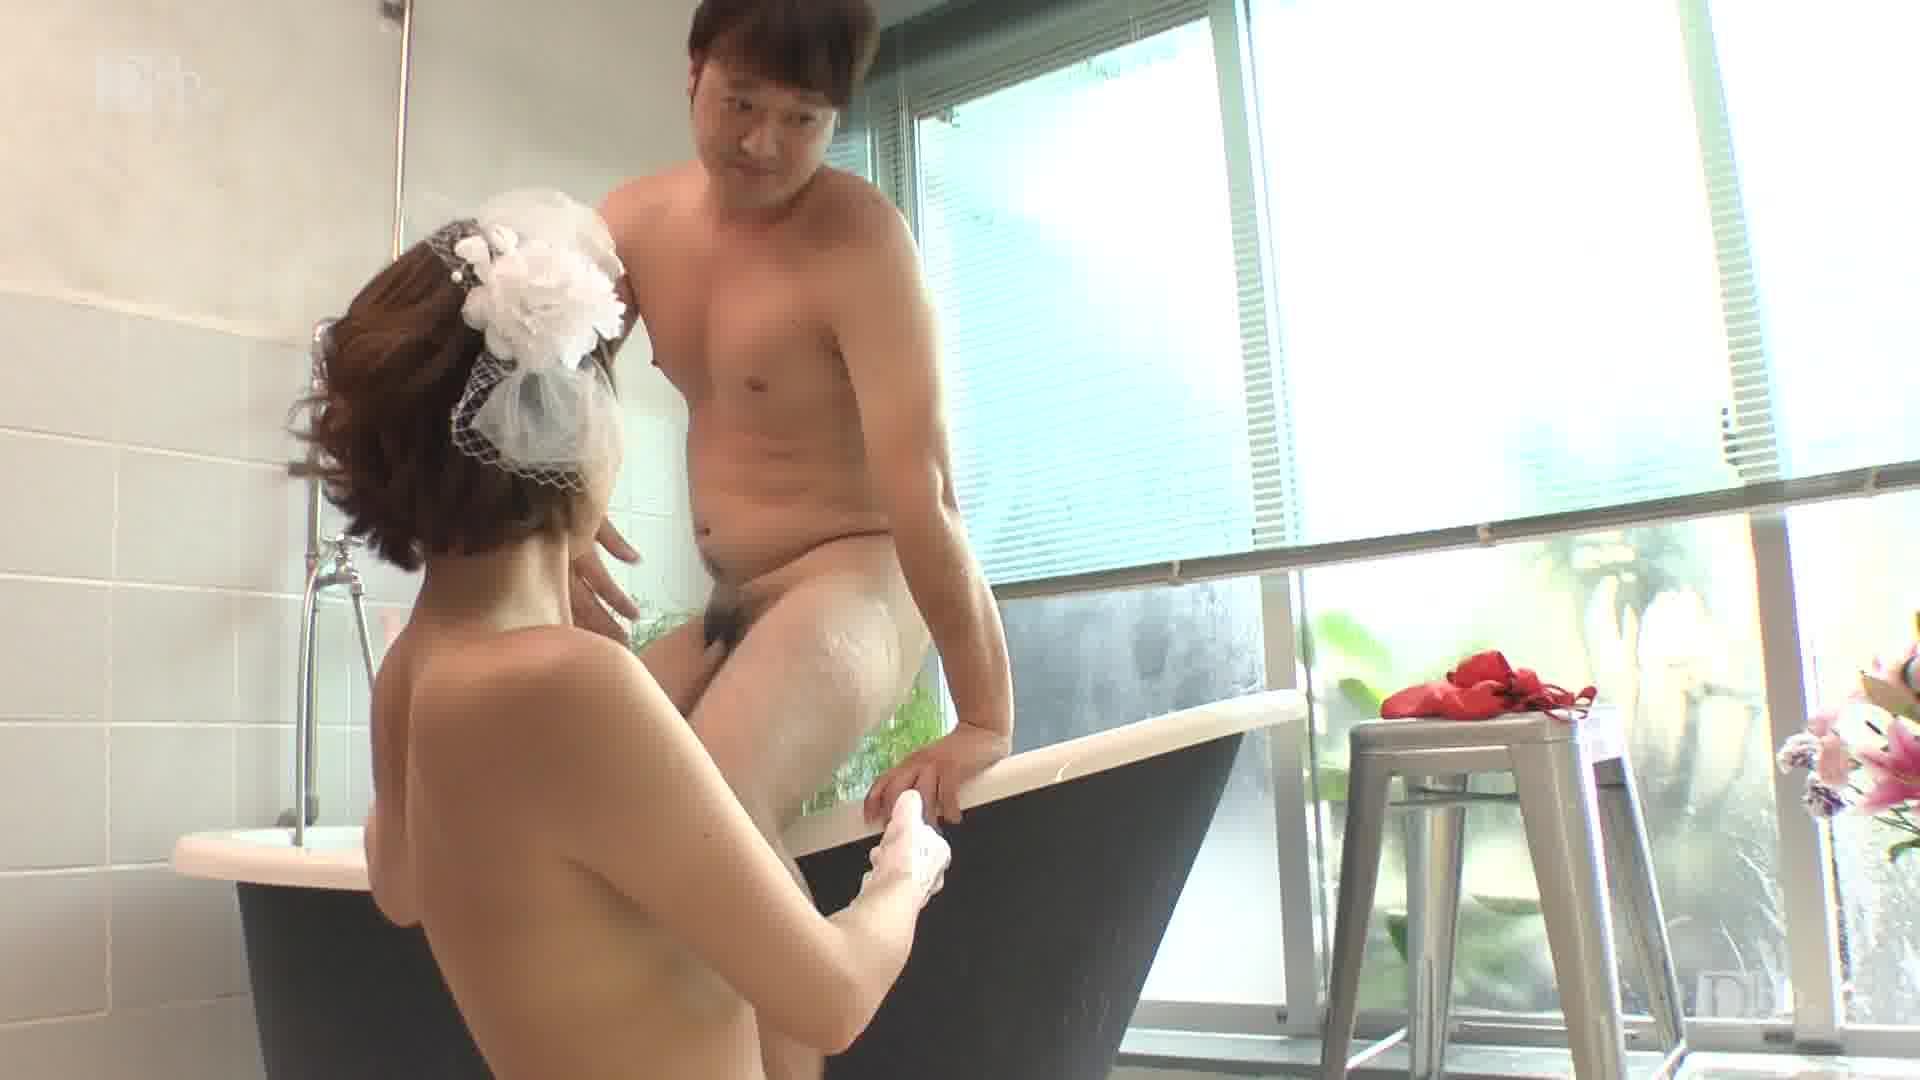 極上泡姫物語 Vol.56 - 水樹りさ【スレンダー・美乳・中出し】